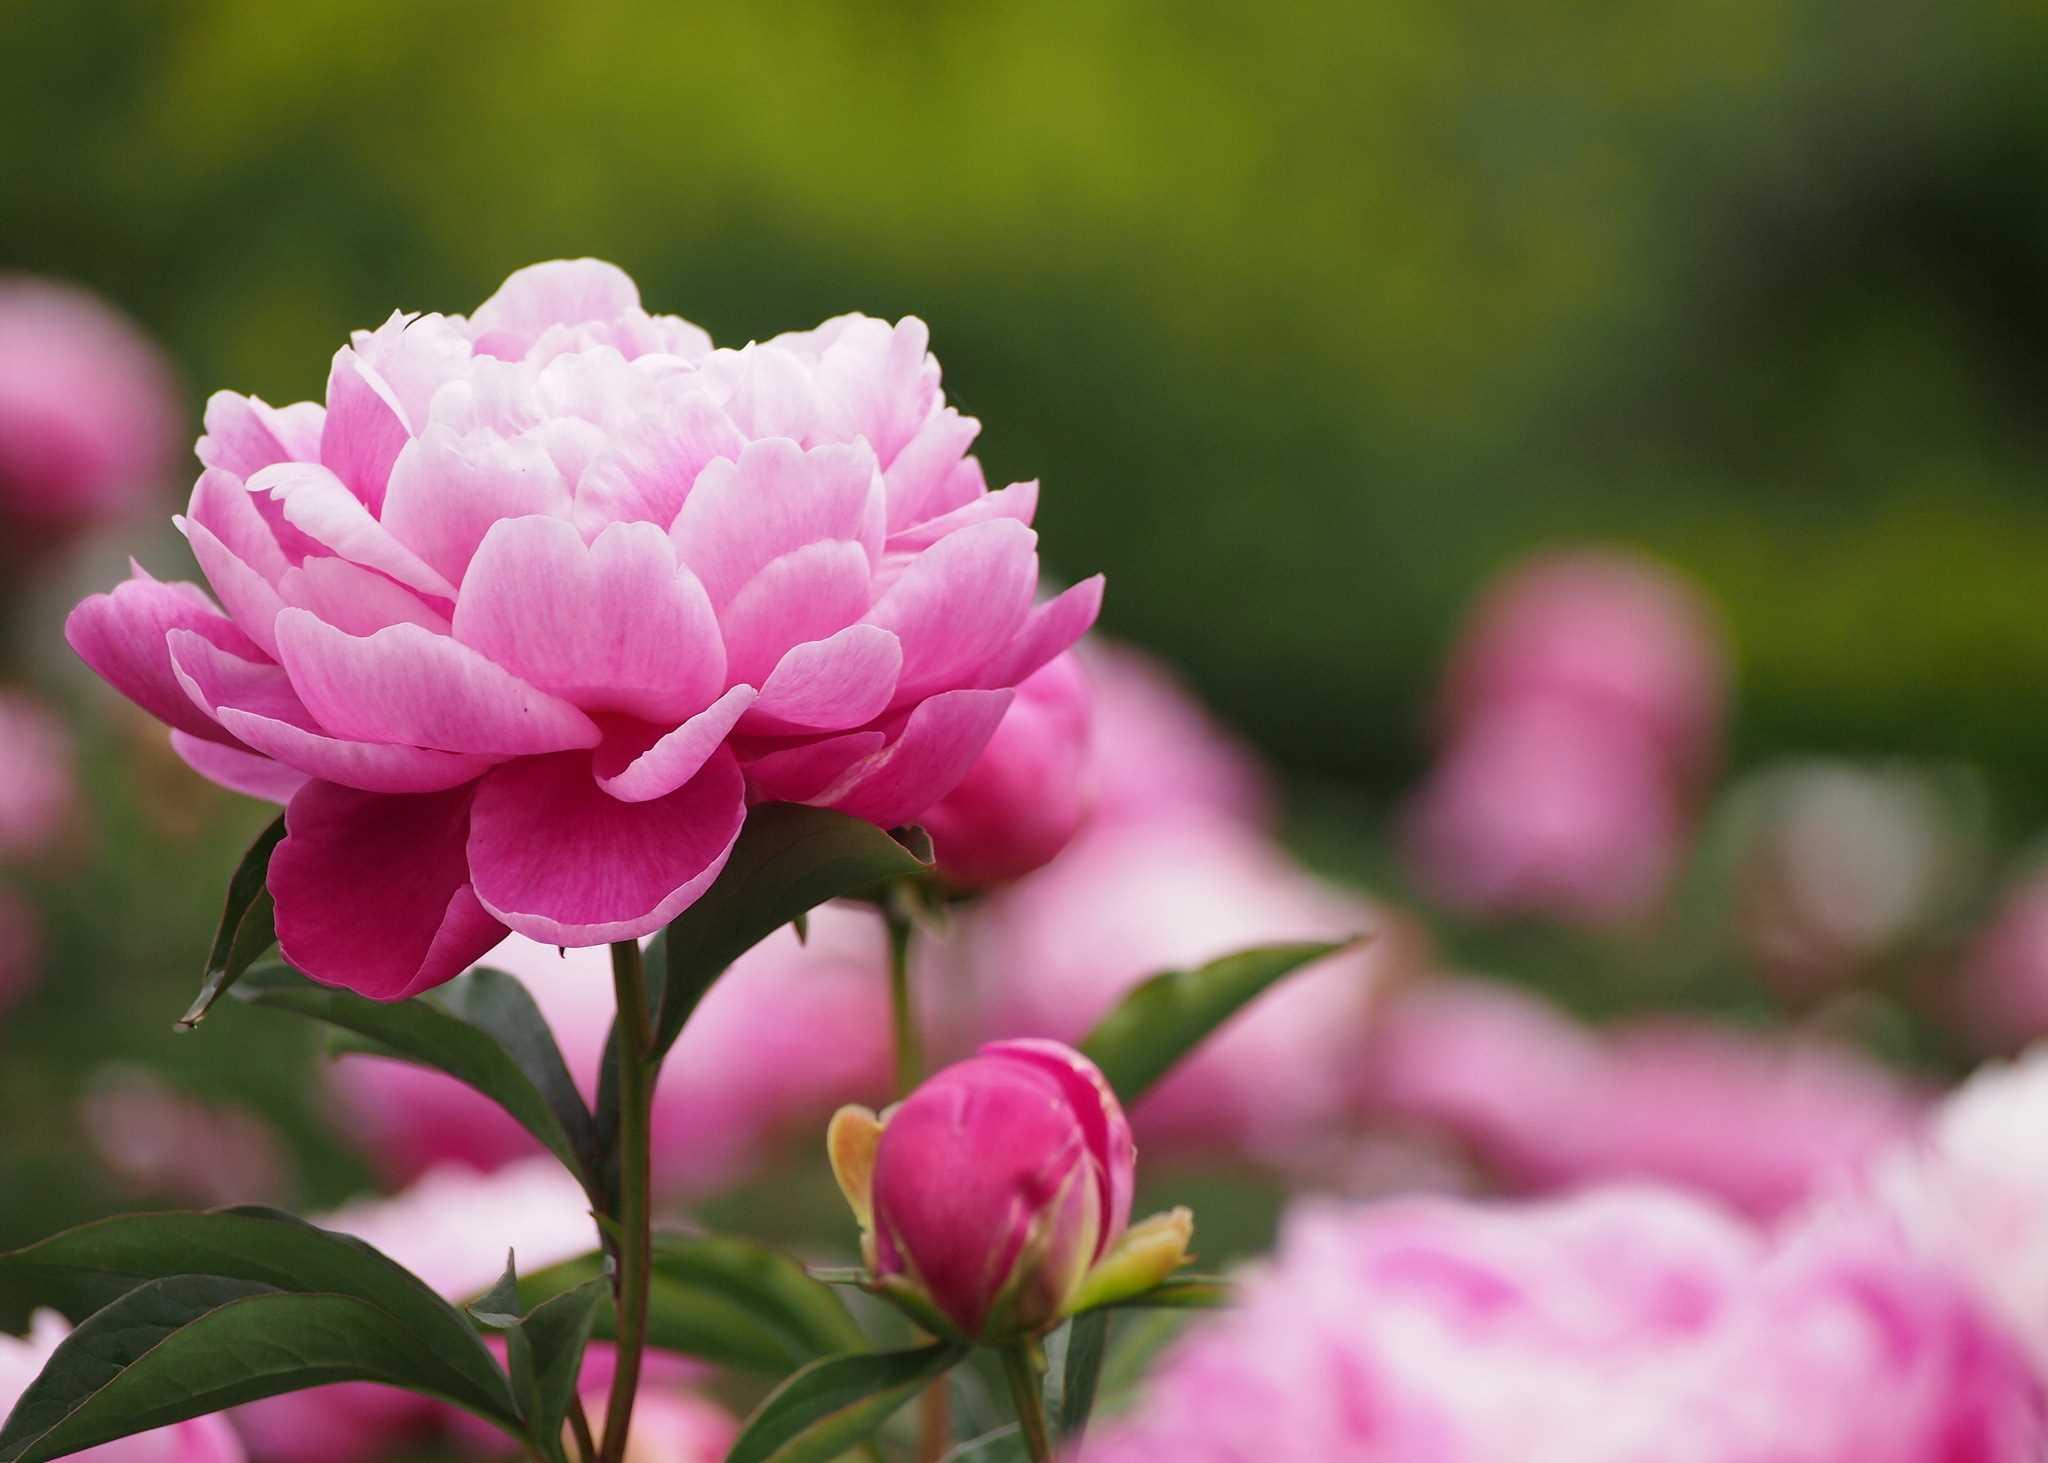 Hoa Mẫu đơn thanh tao, quý phái biểu trưng cho tình yêu đẹp